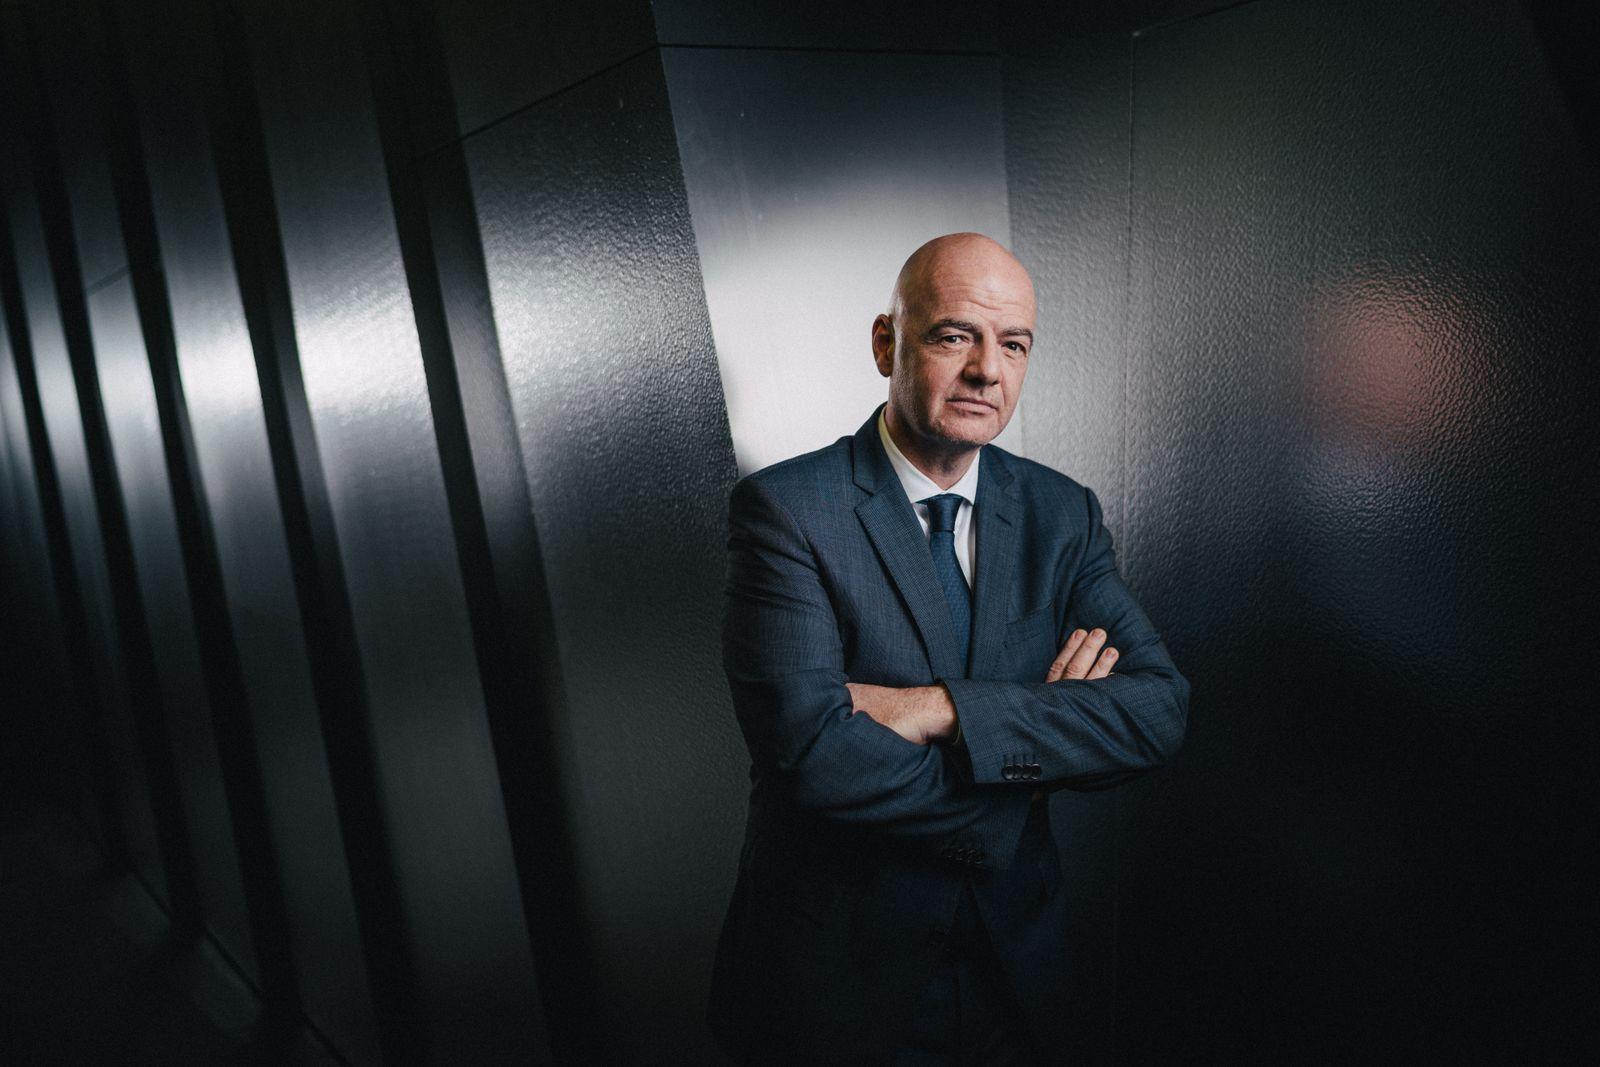 Giovanni Vincenzo Infantino, schweizerisch-italienischer Fussballfunktionär und Jurist, Präsident des Weltfussballverbandes FIFA, fotografiert am Sitz der FIFA in Zürich, Schweiz